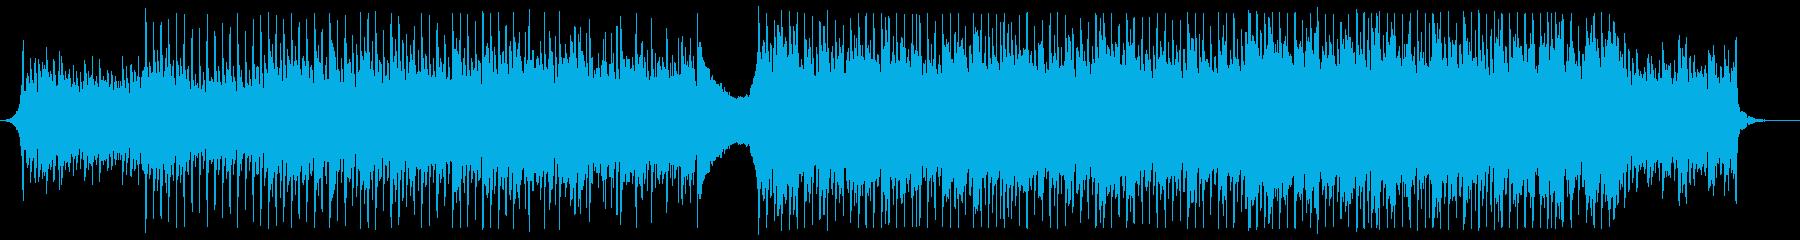 アコギが耳に残るPOPS、企業系CMなどの再生済みの波形